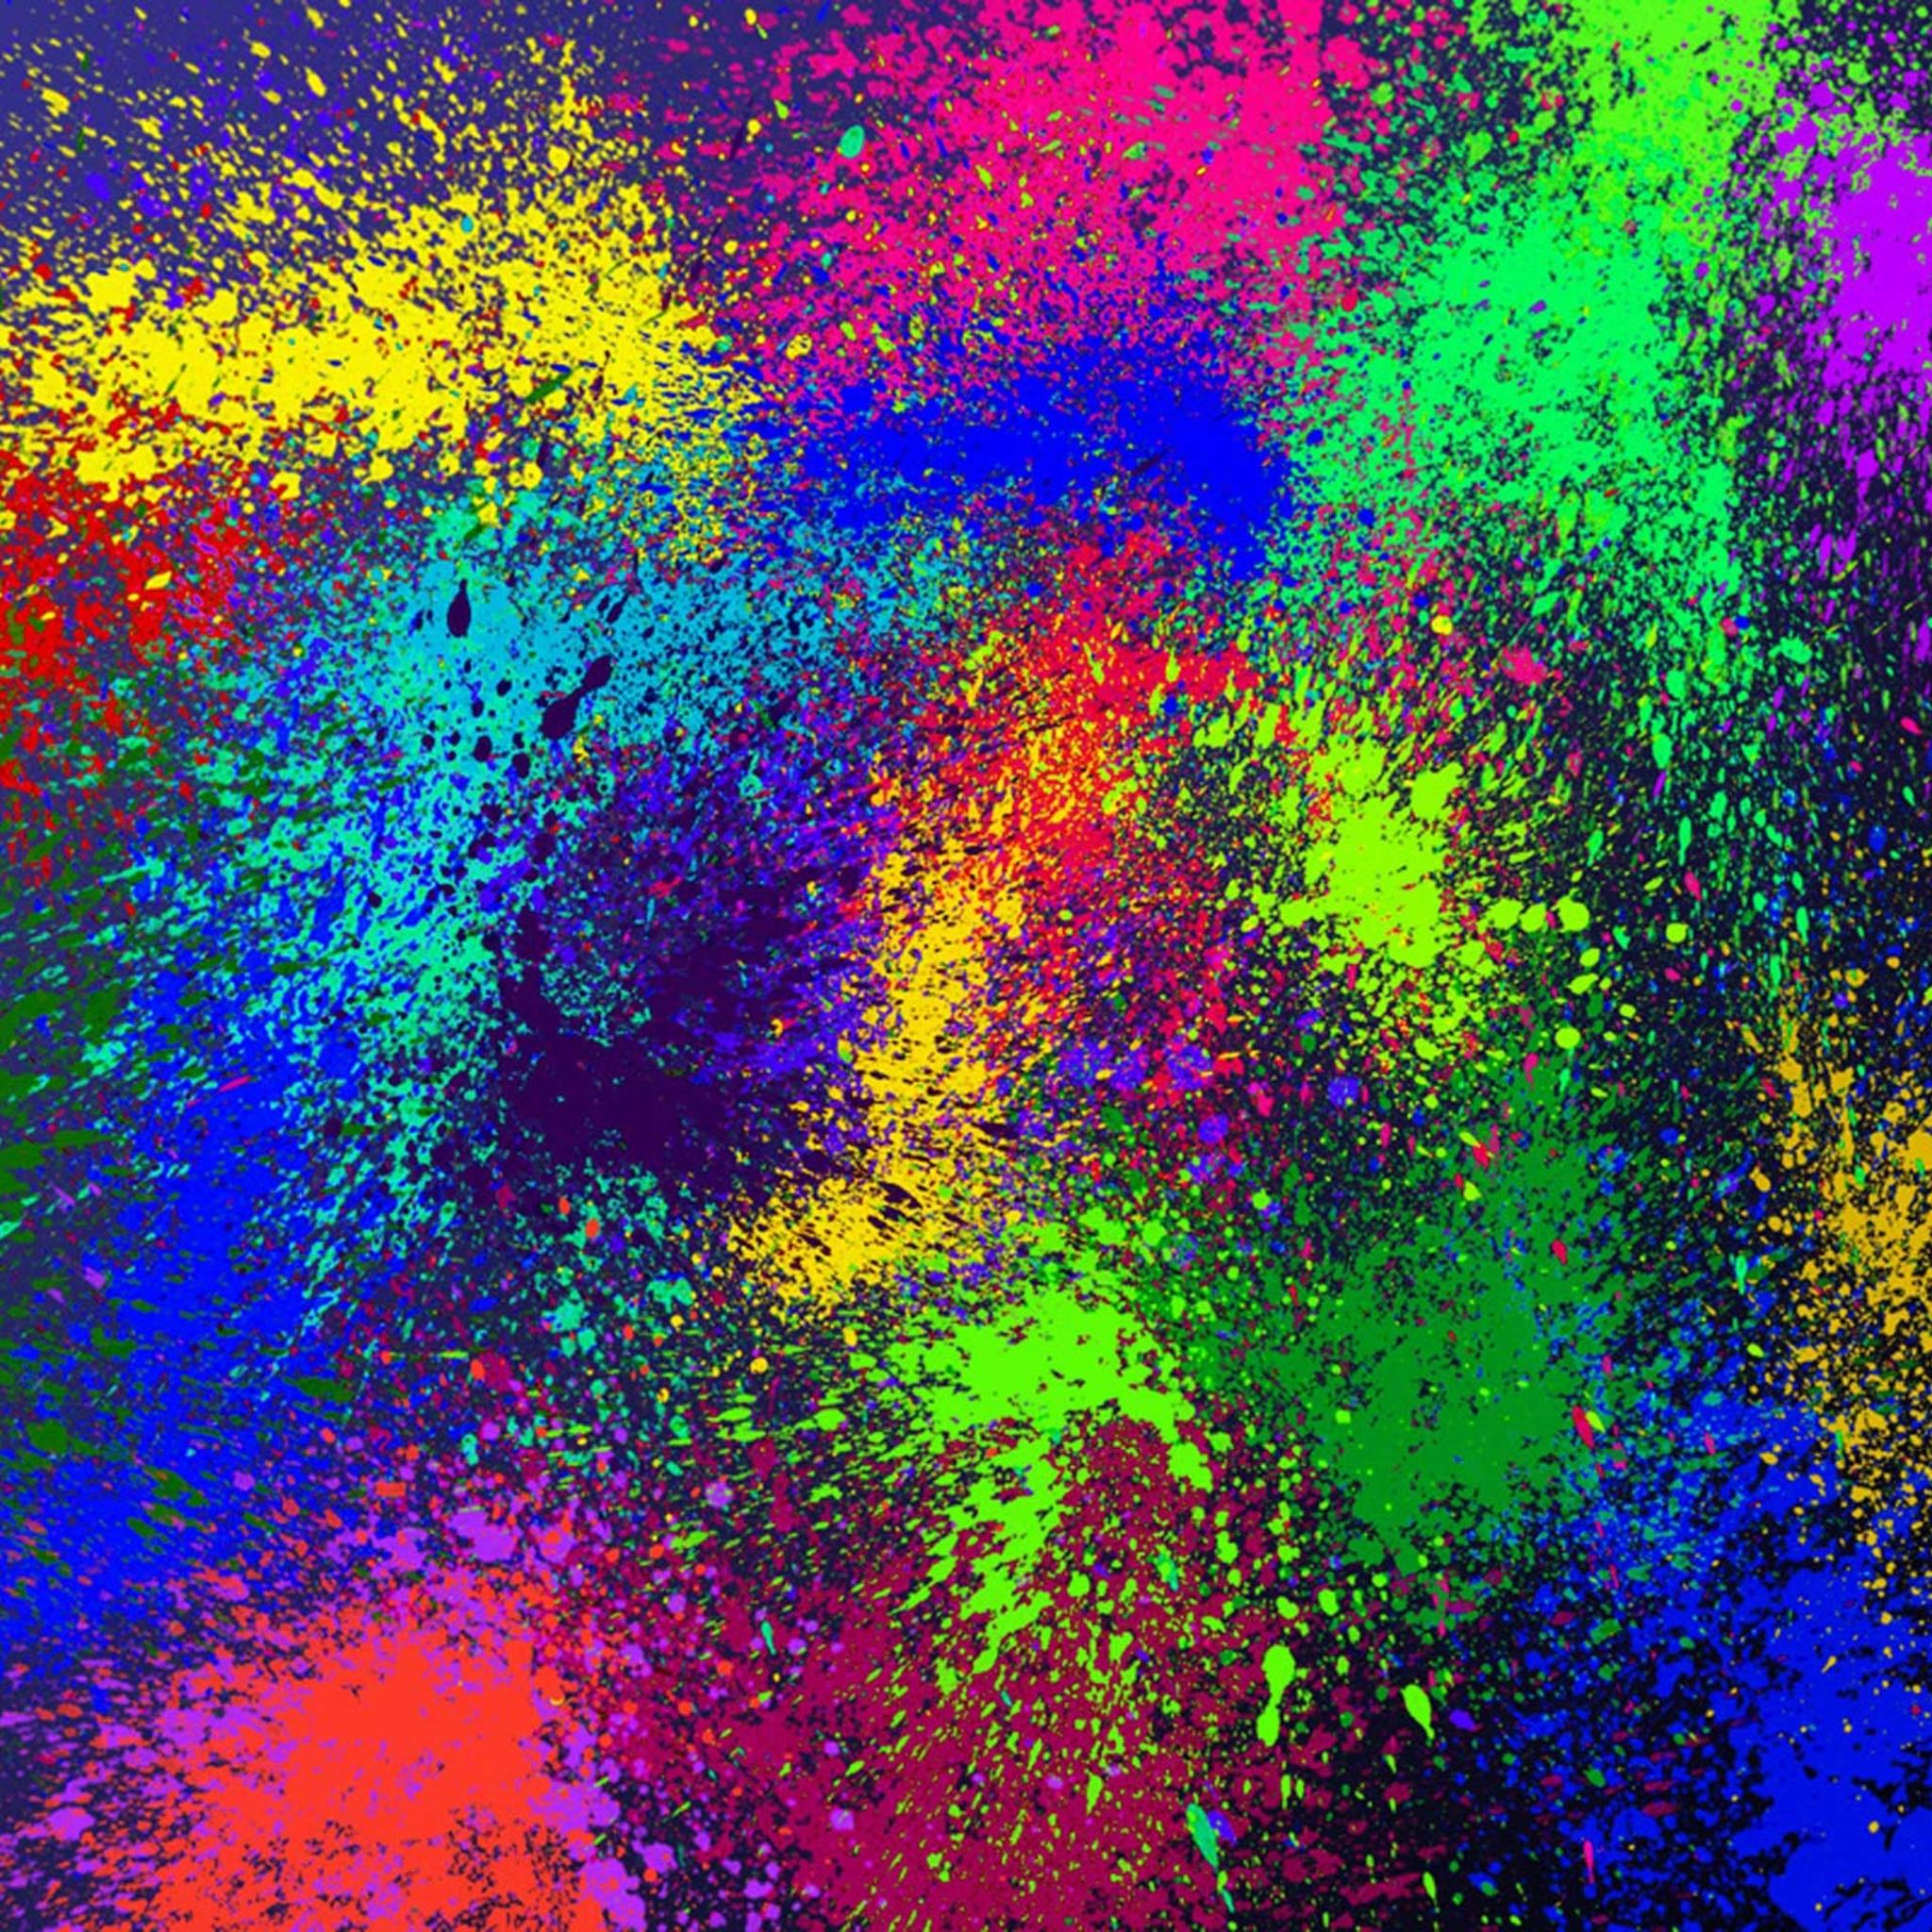 My Ipad Wallpaper Hd Live Colors 20 2048x2048 Apps Directories 2048x2048